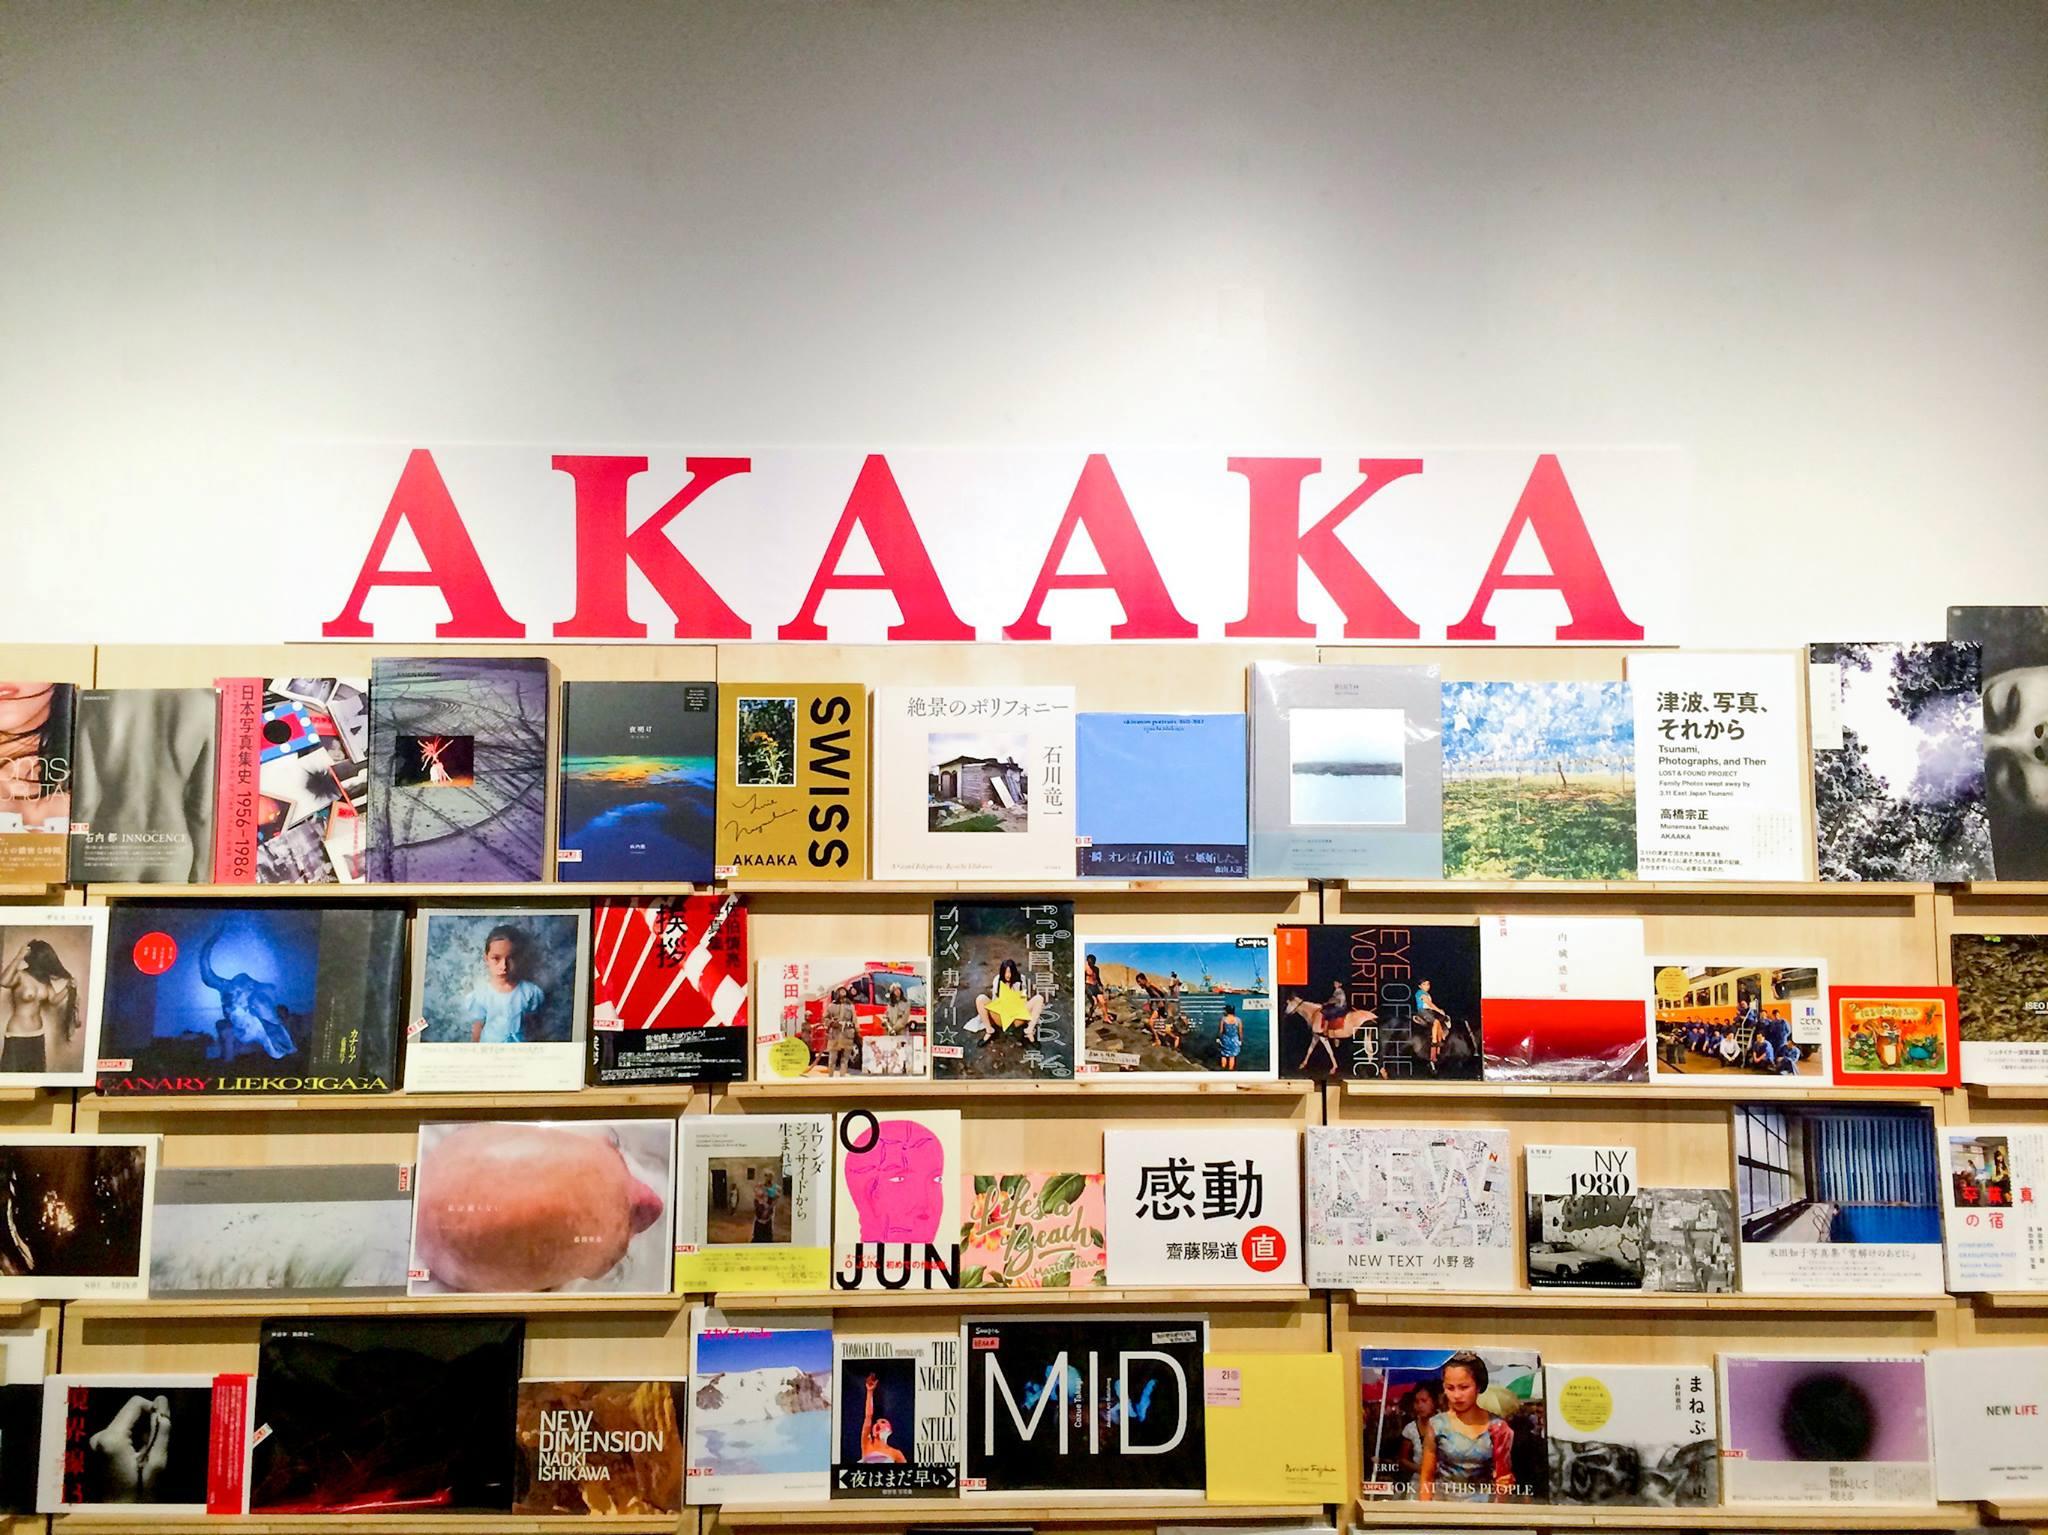 akaaka_bookshelf.jpg